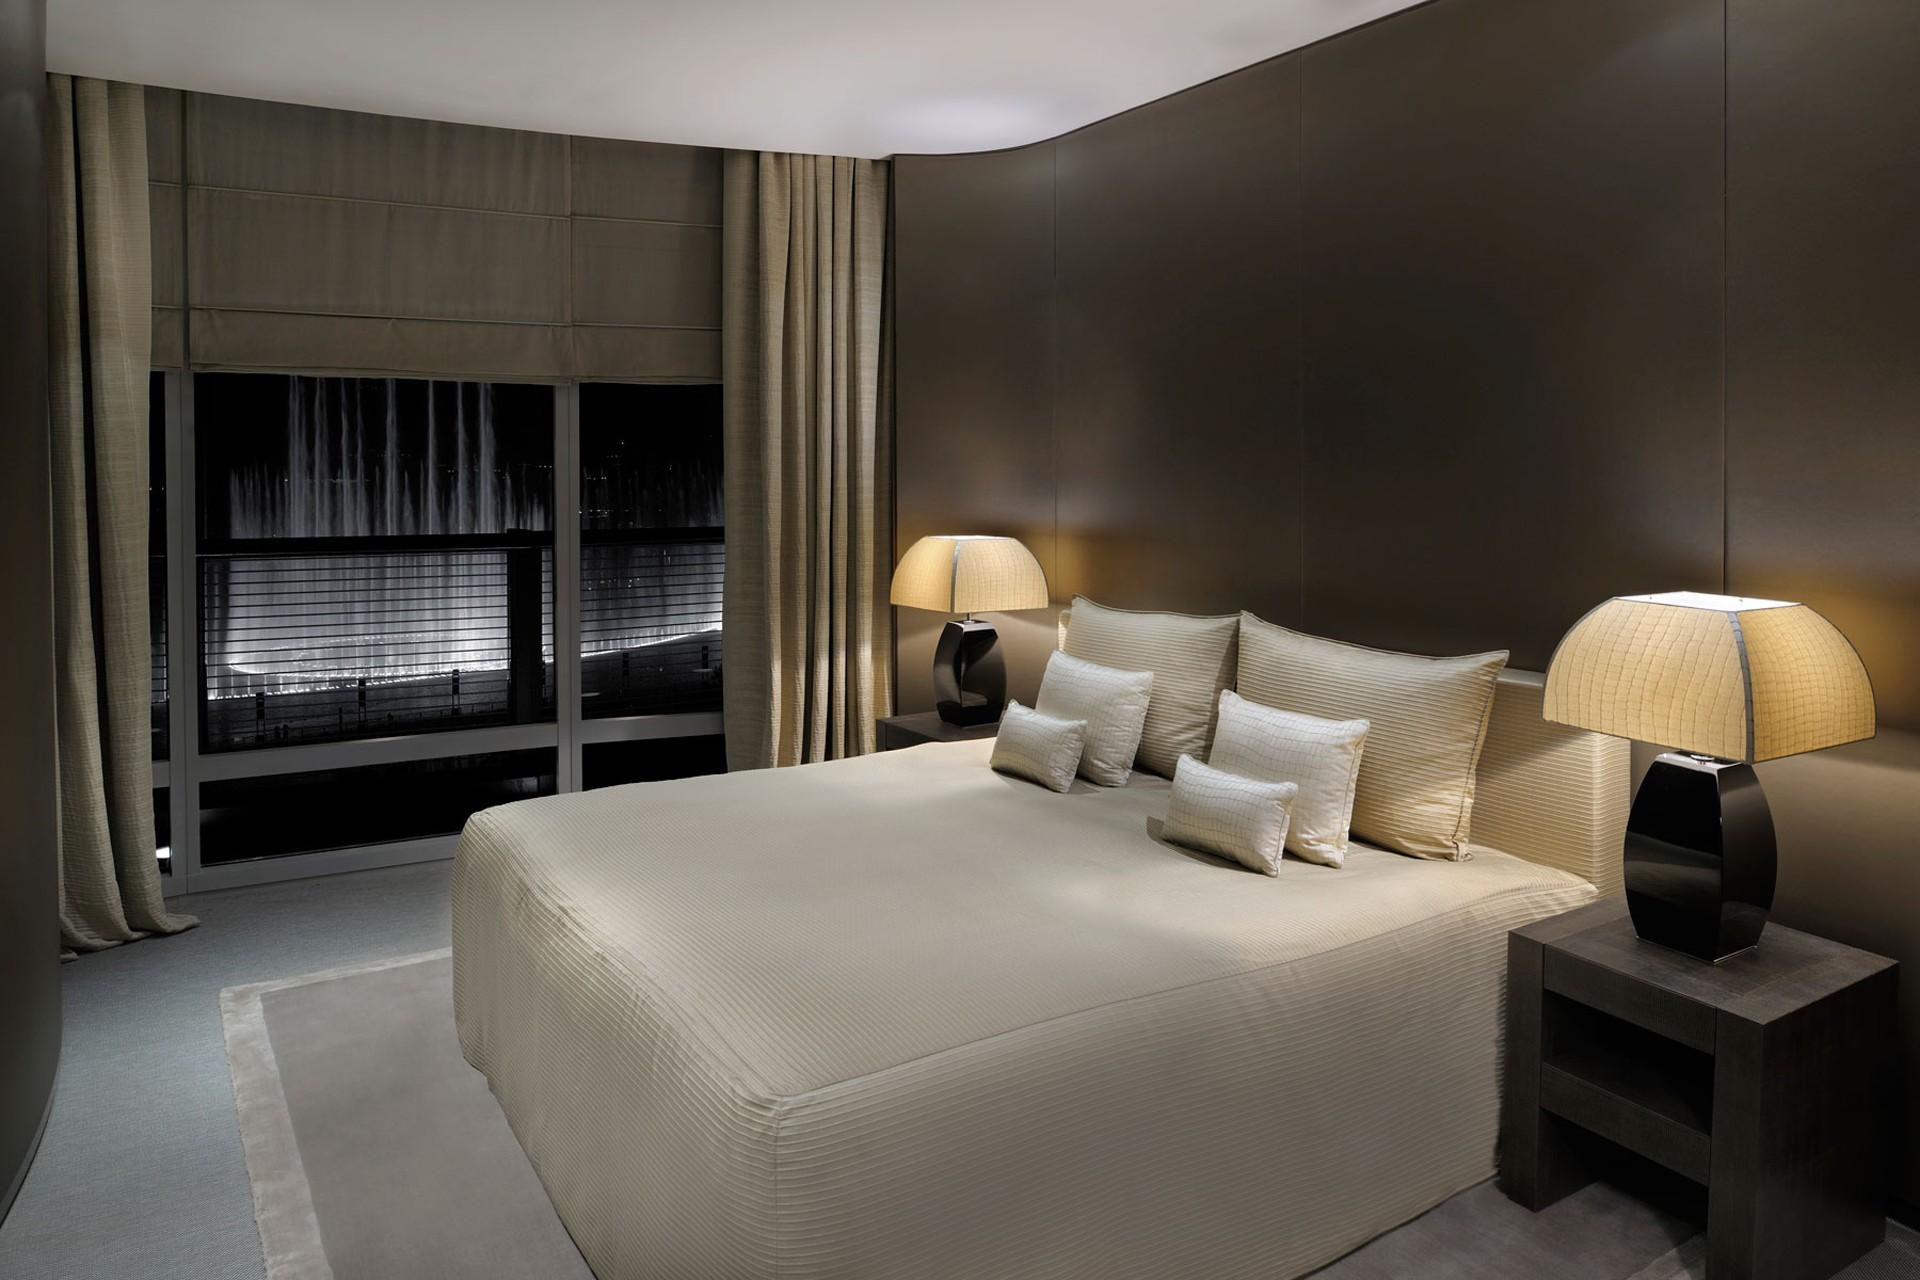 прикроватные светильники для спальни на изголовье кровати